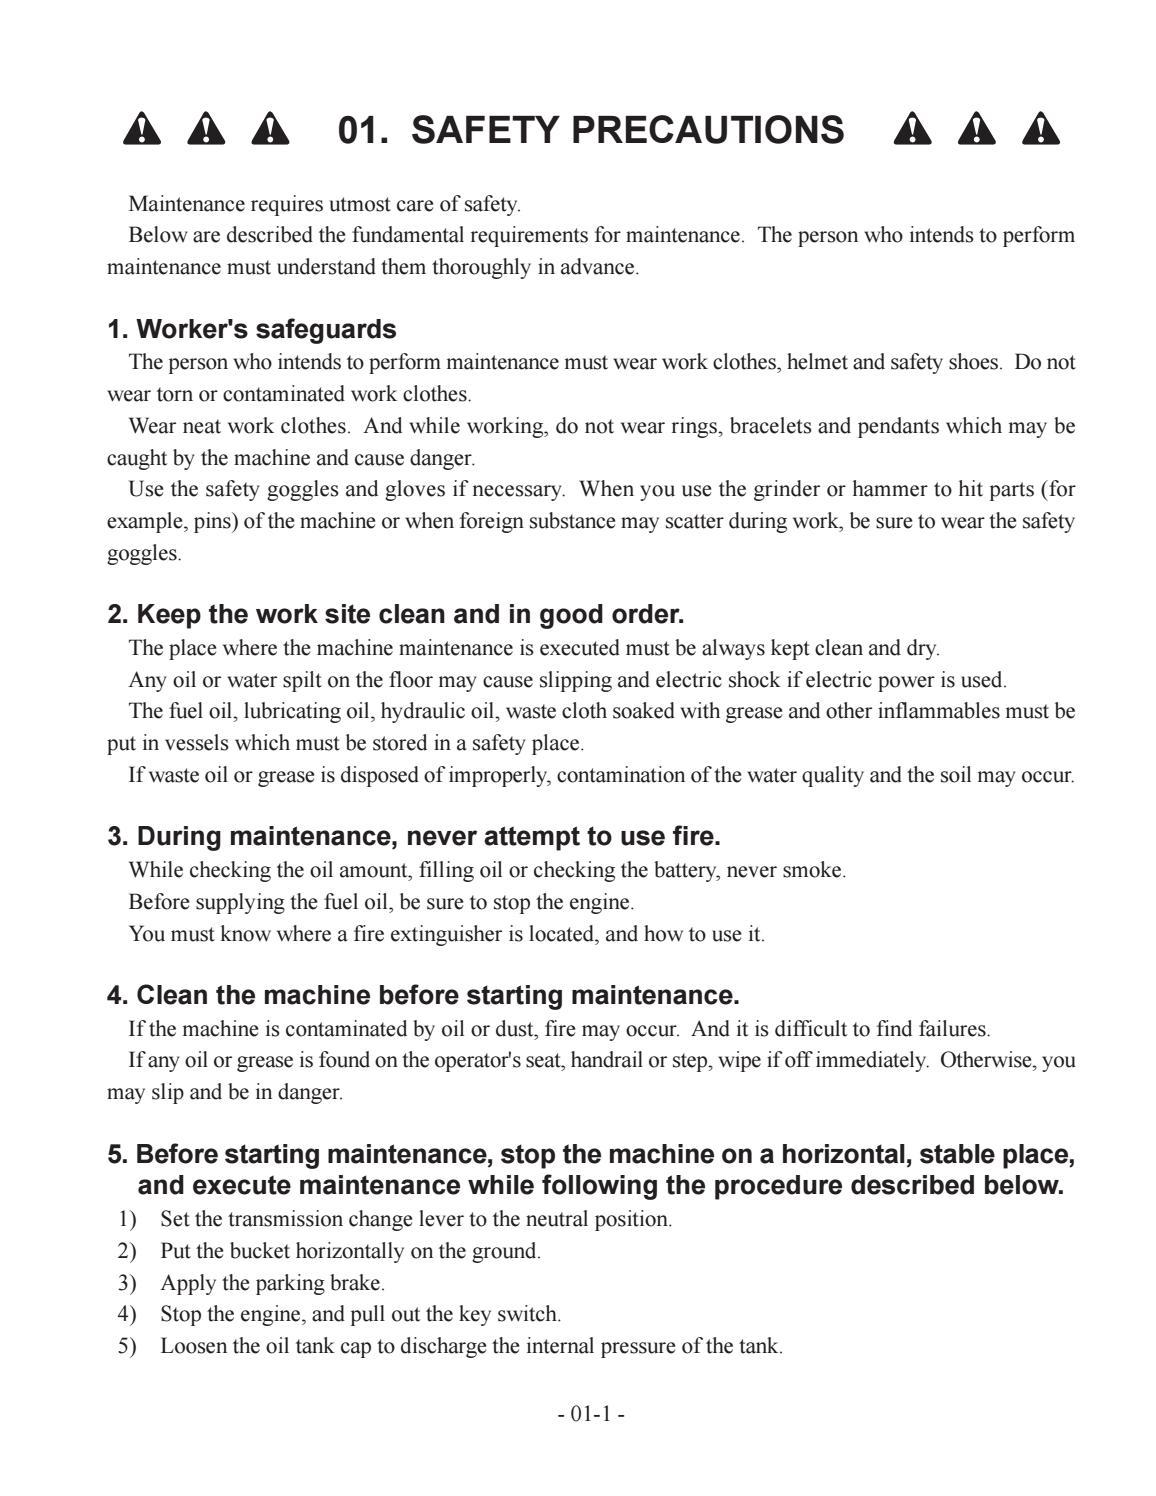 Hitachi LX110-7 LX130-7 LX160-7 LX190-7 LX230-7 Wheel Loader Workshop Manual - PDF DOWNLOAD page 9